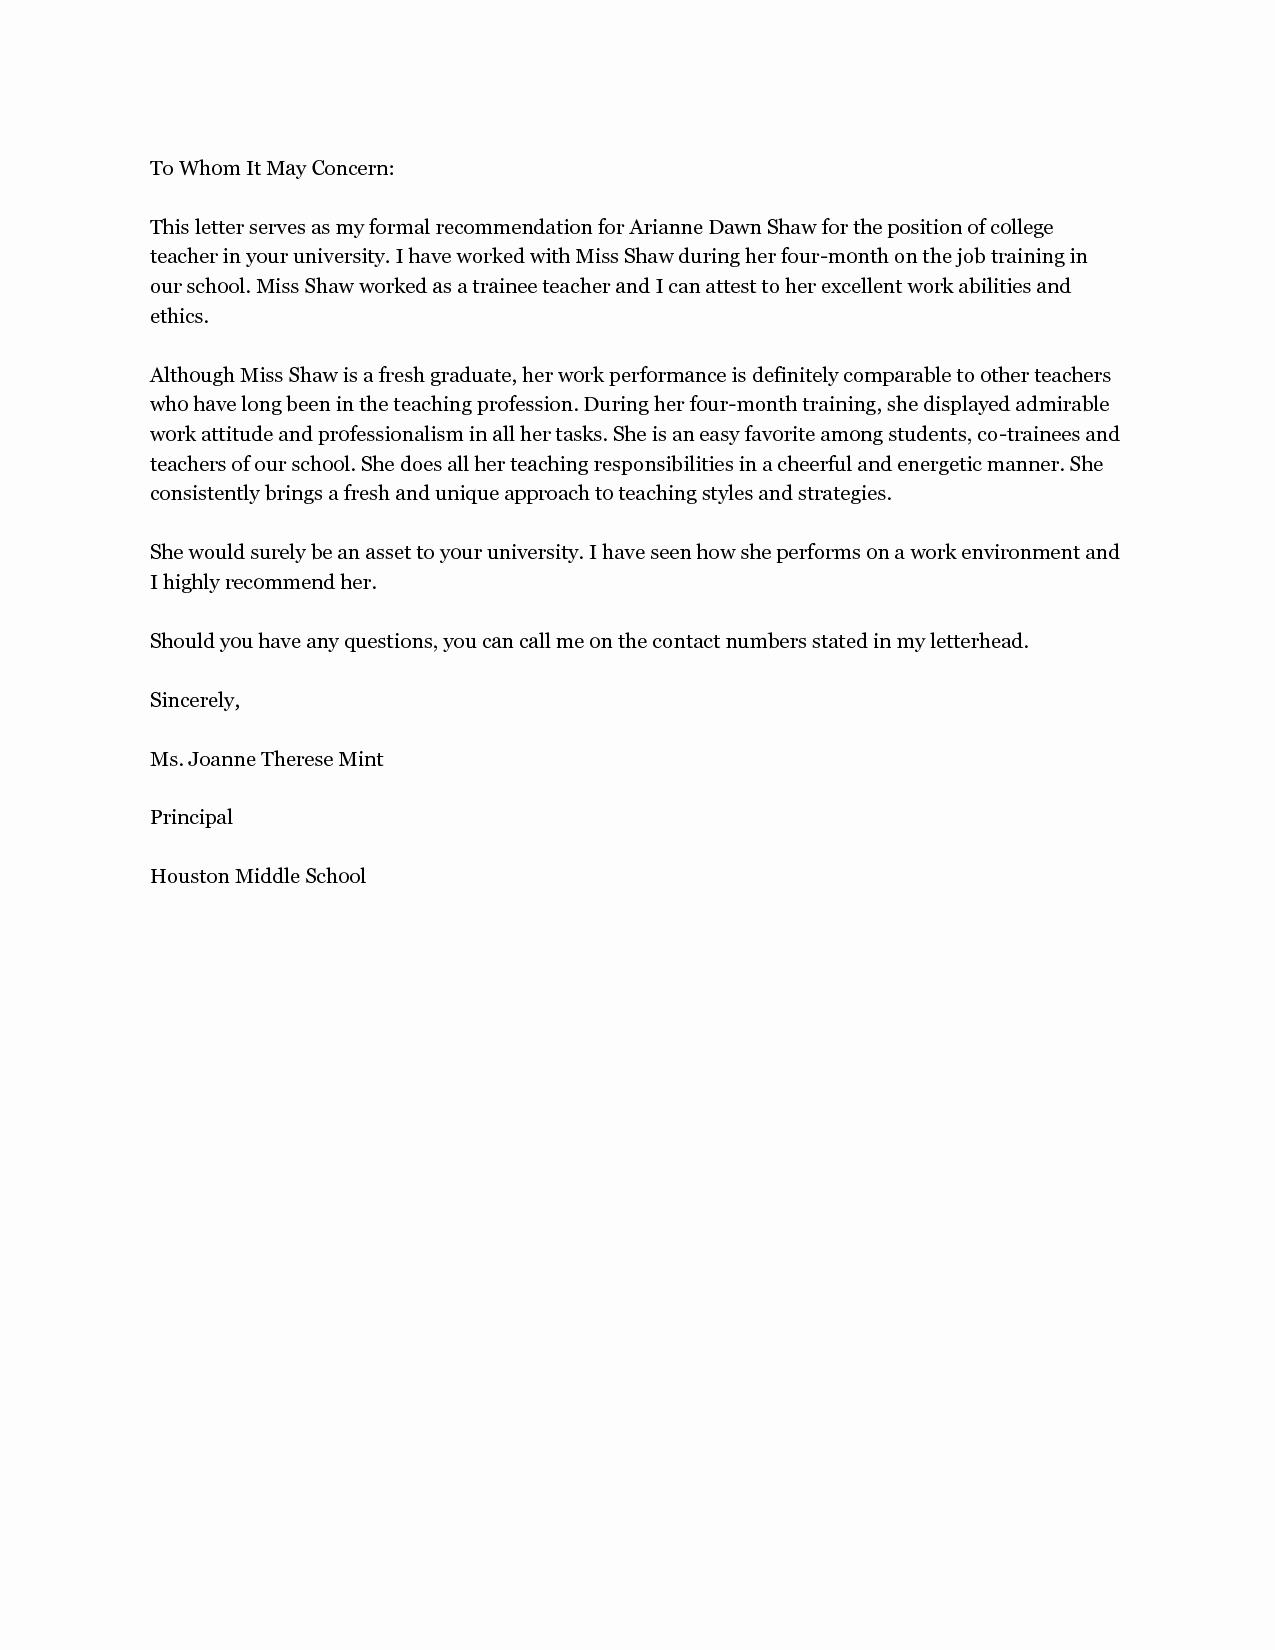 Sample Reference Letters for Teachers Inspirational Sample Teacher Re Mendation Letter